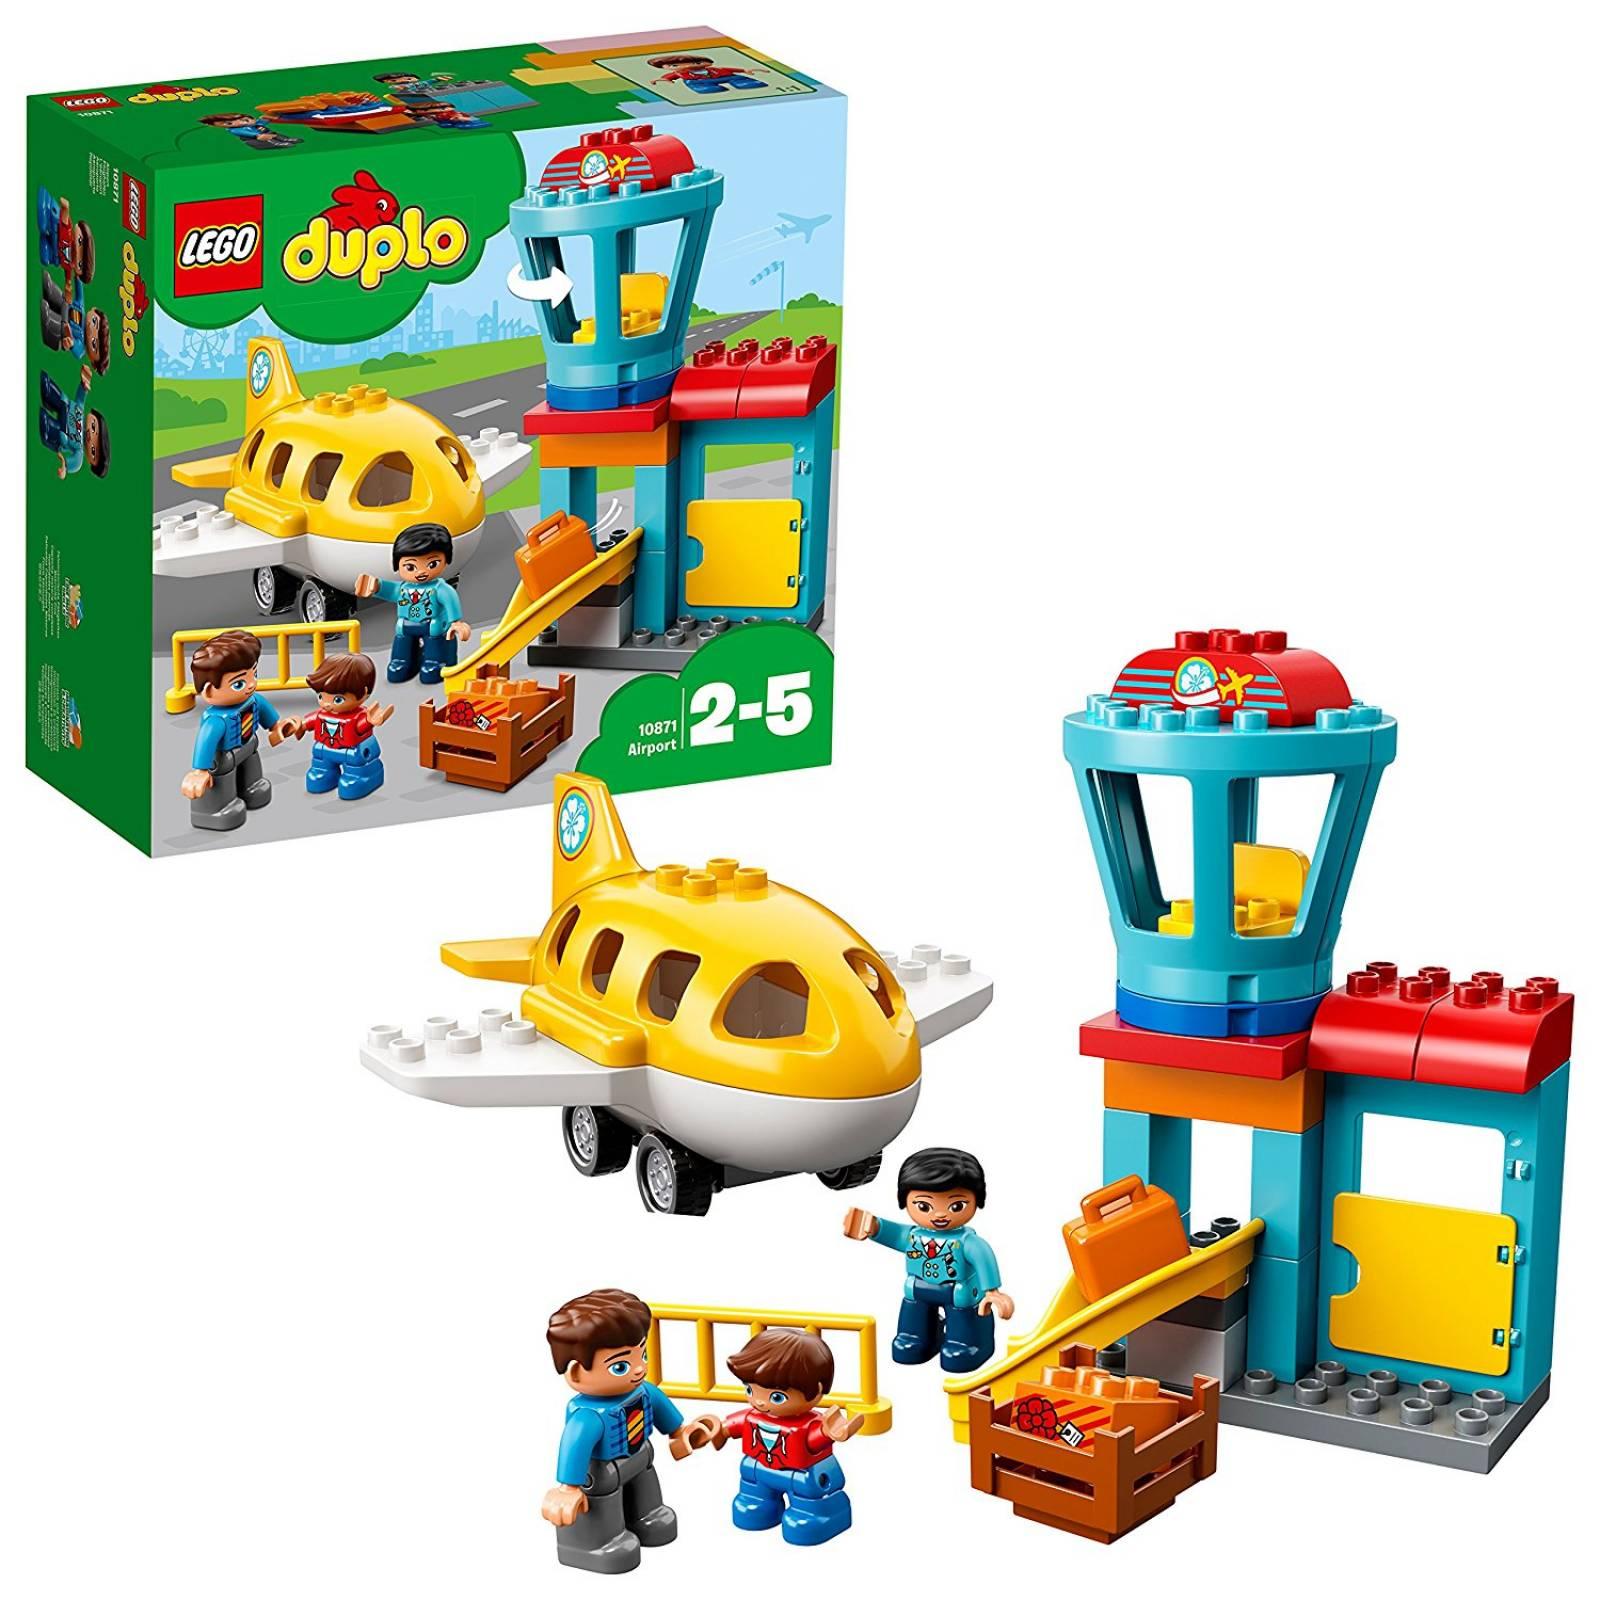 LEGO DUPLO Airport 10871